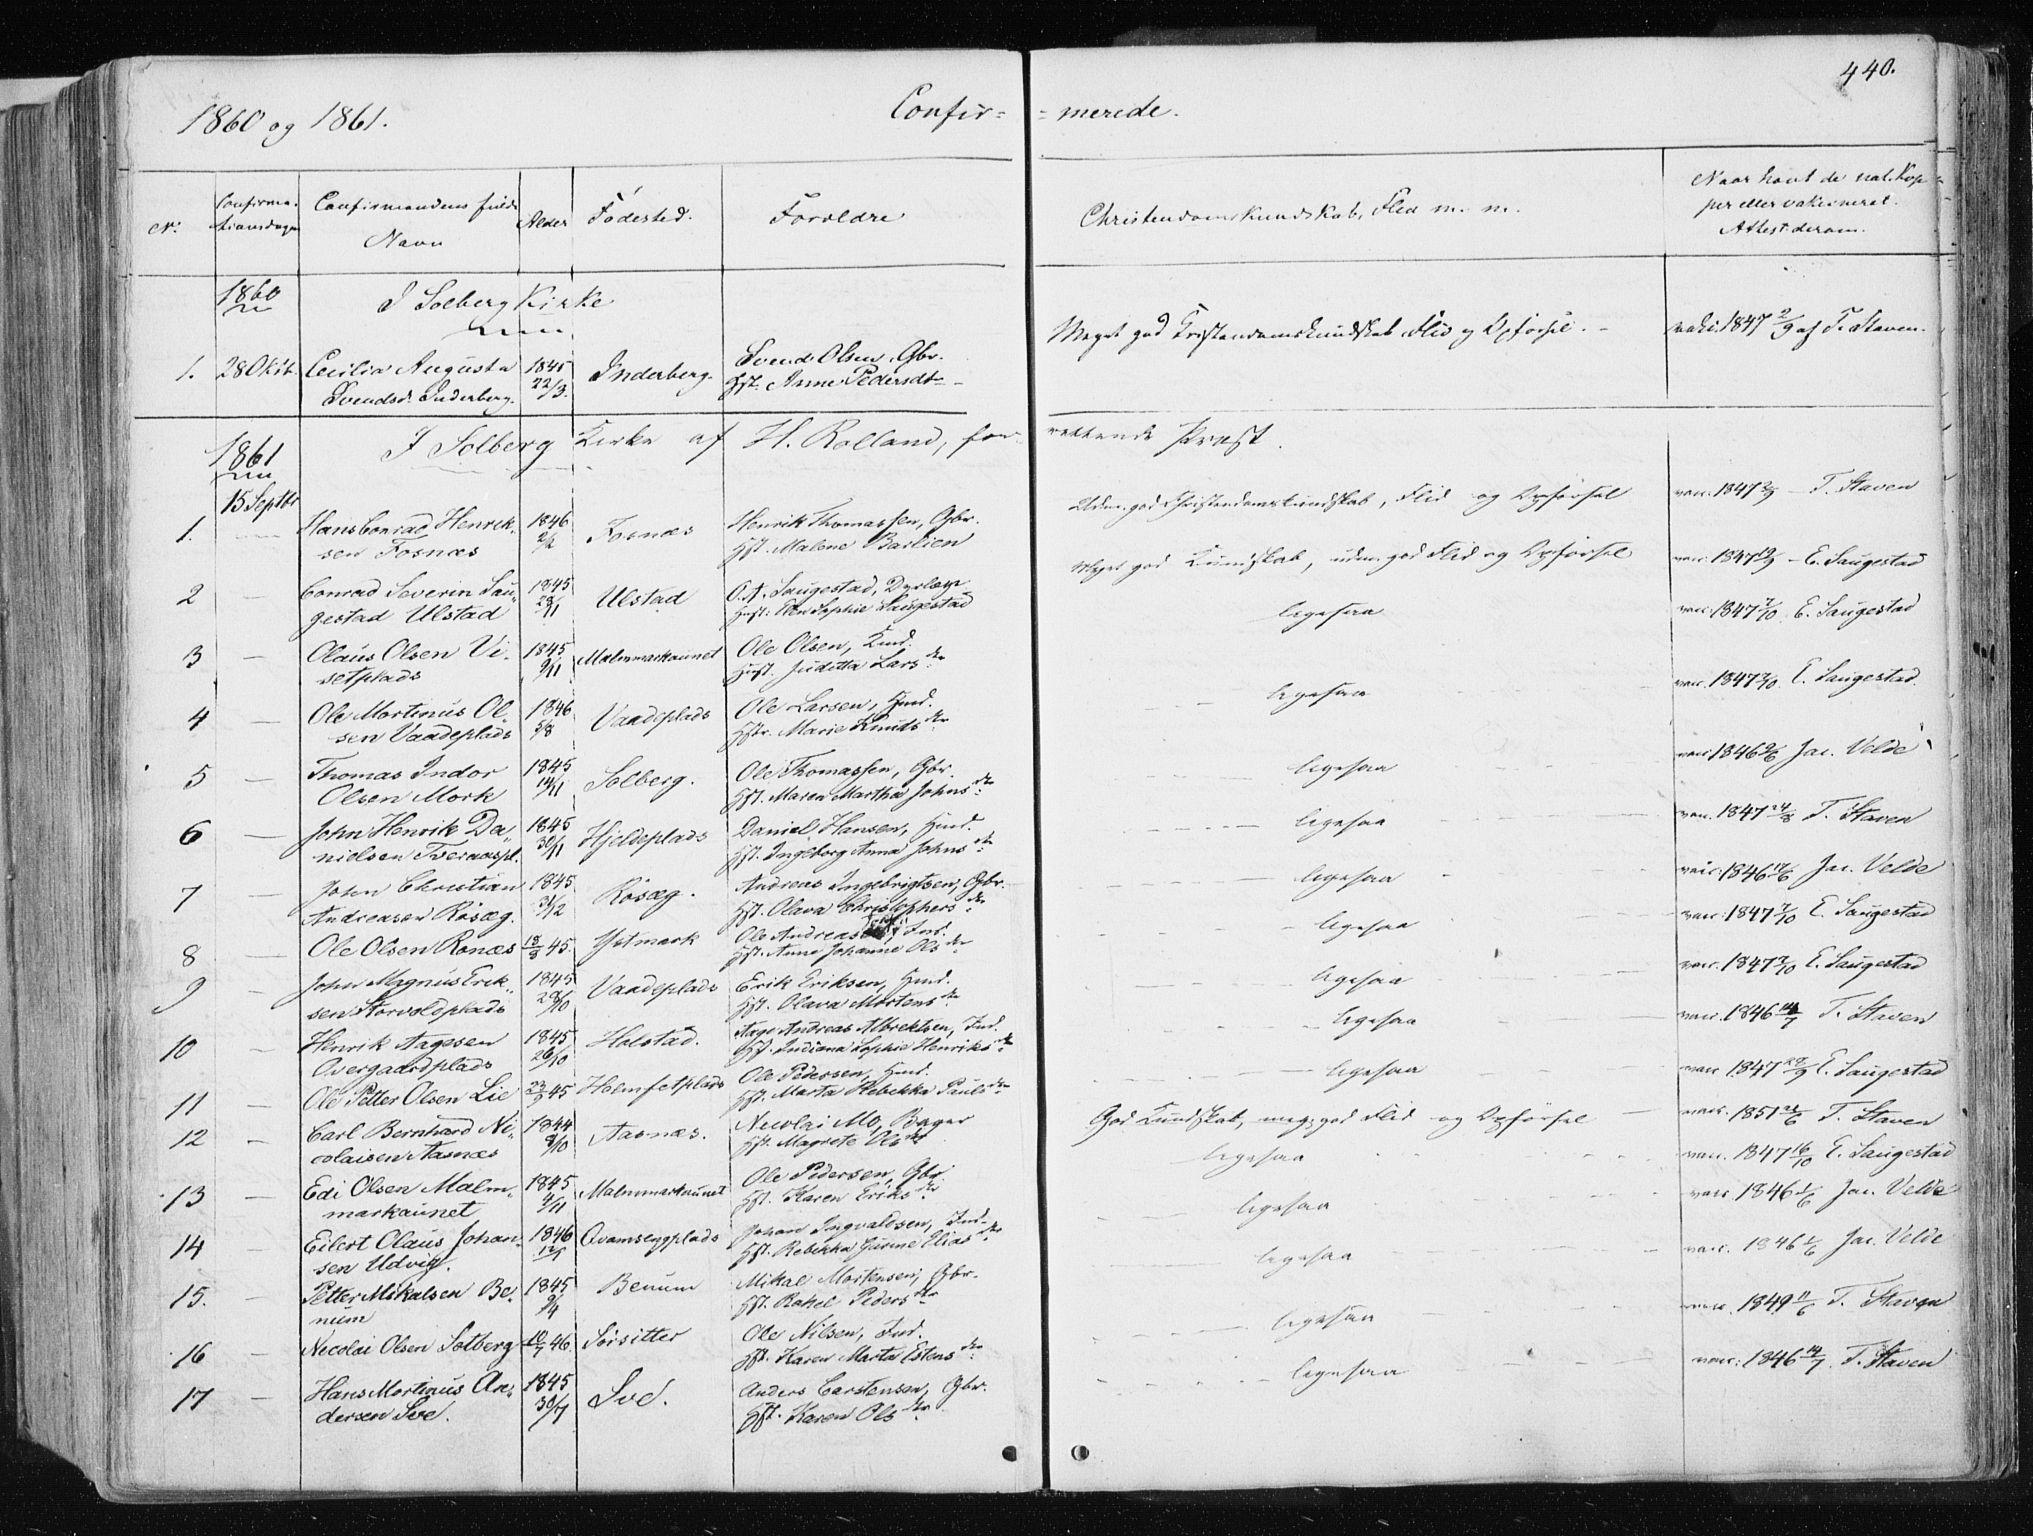 SAT, Ministerialprotokoller, klokkerbøker og fødselsregistre - Nord-Trøndelag, 741/L0393: Ministerialbok nr. 741A07, 1849-1863, s. 440